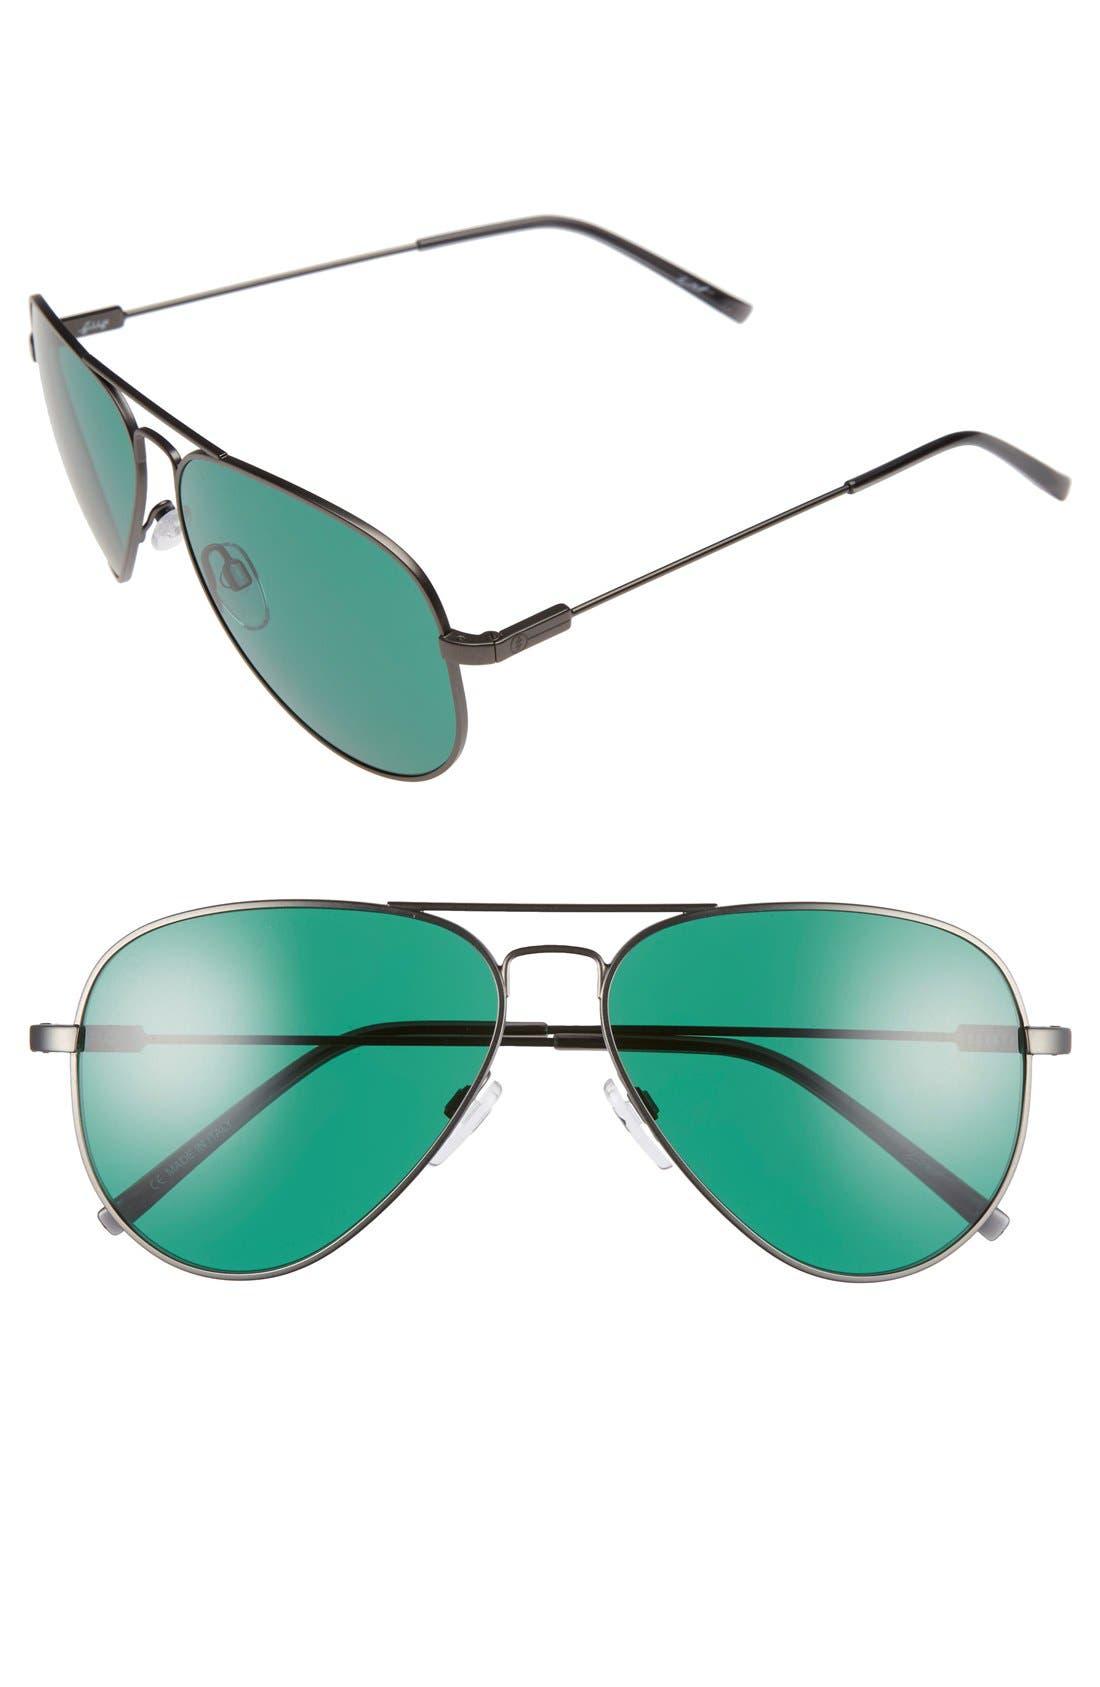 ELECTRIC AV1 58mm Sunglasses